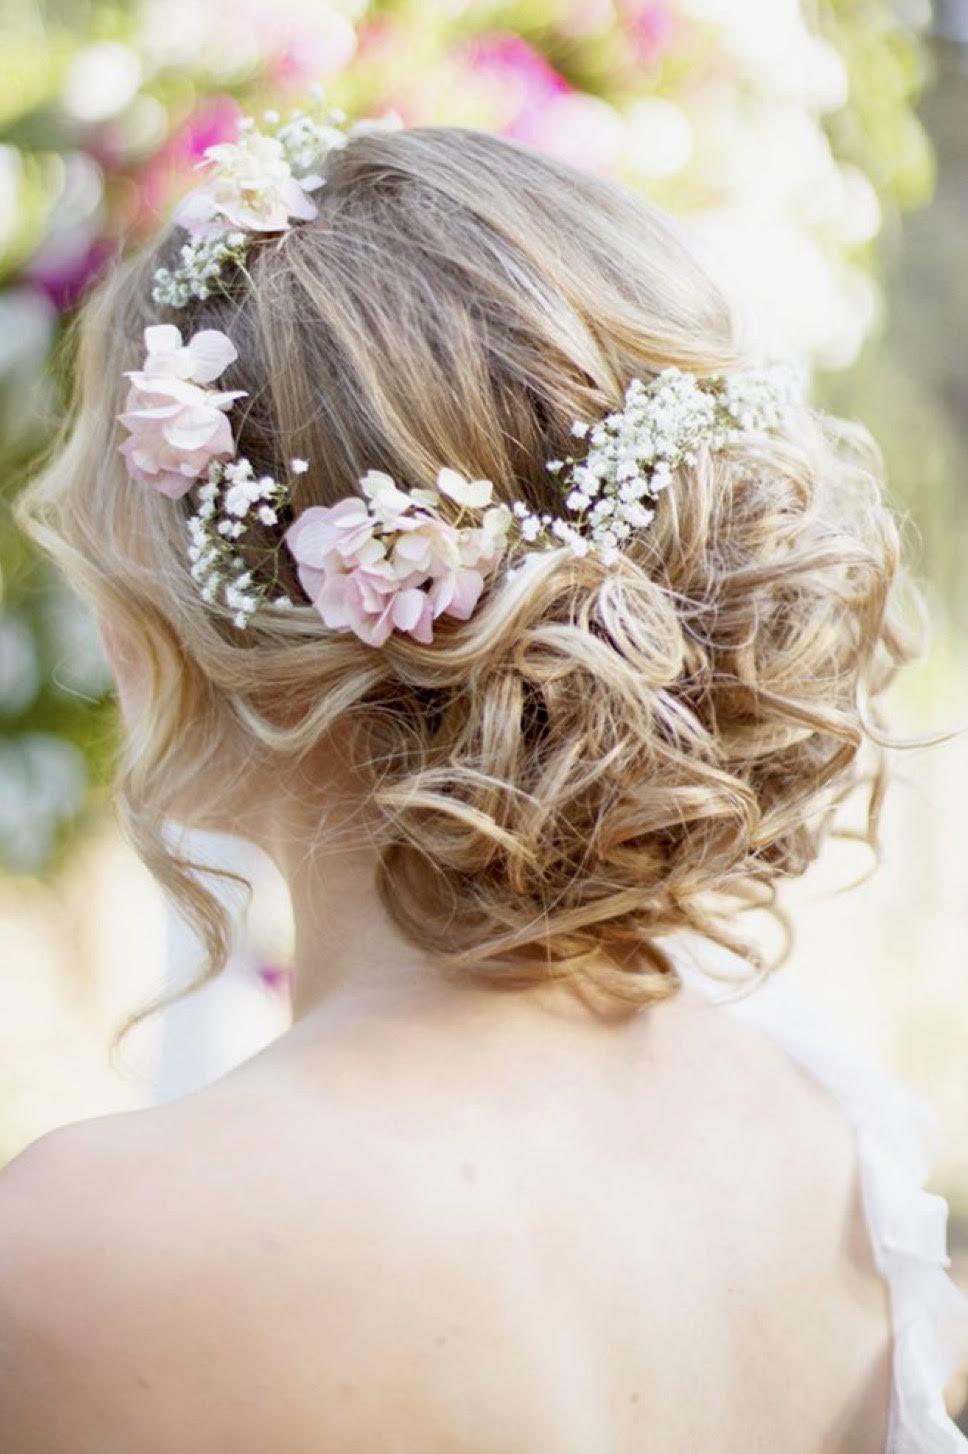 свадебная прическа с локонами и украшением в виде венка из цветов.